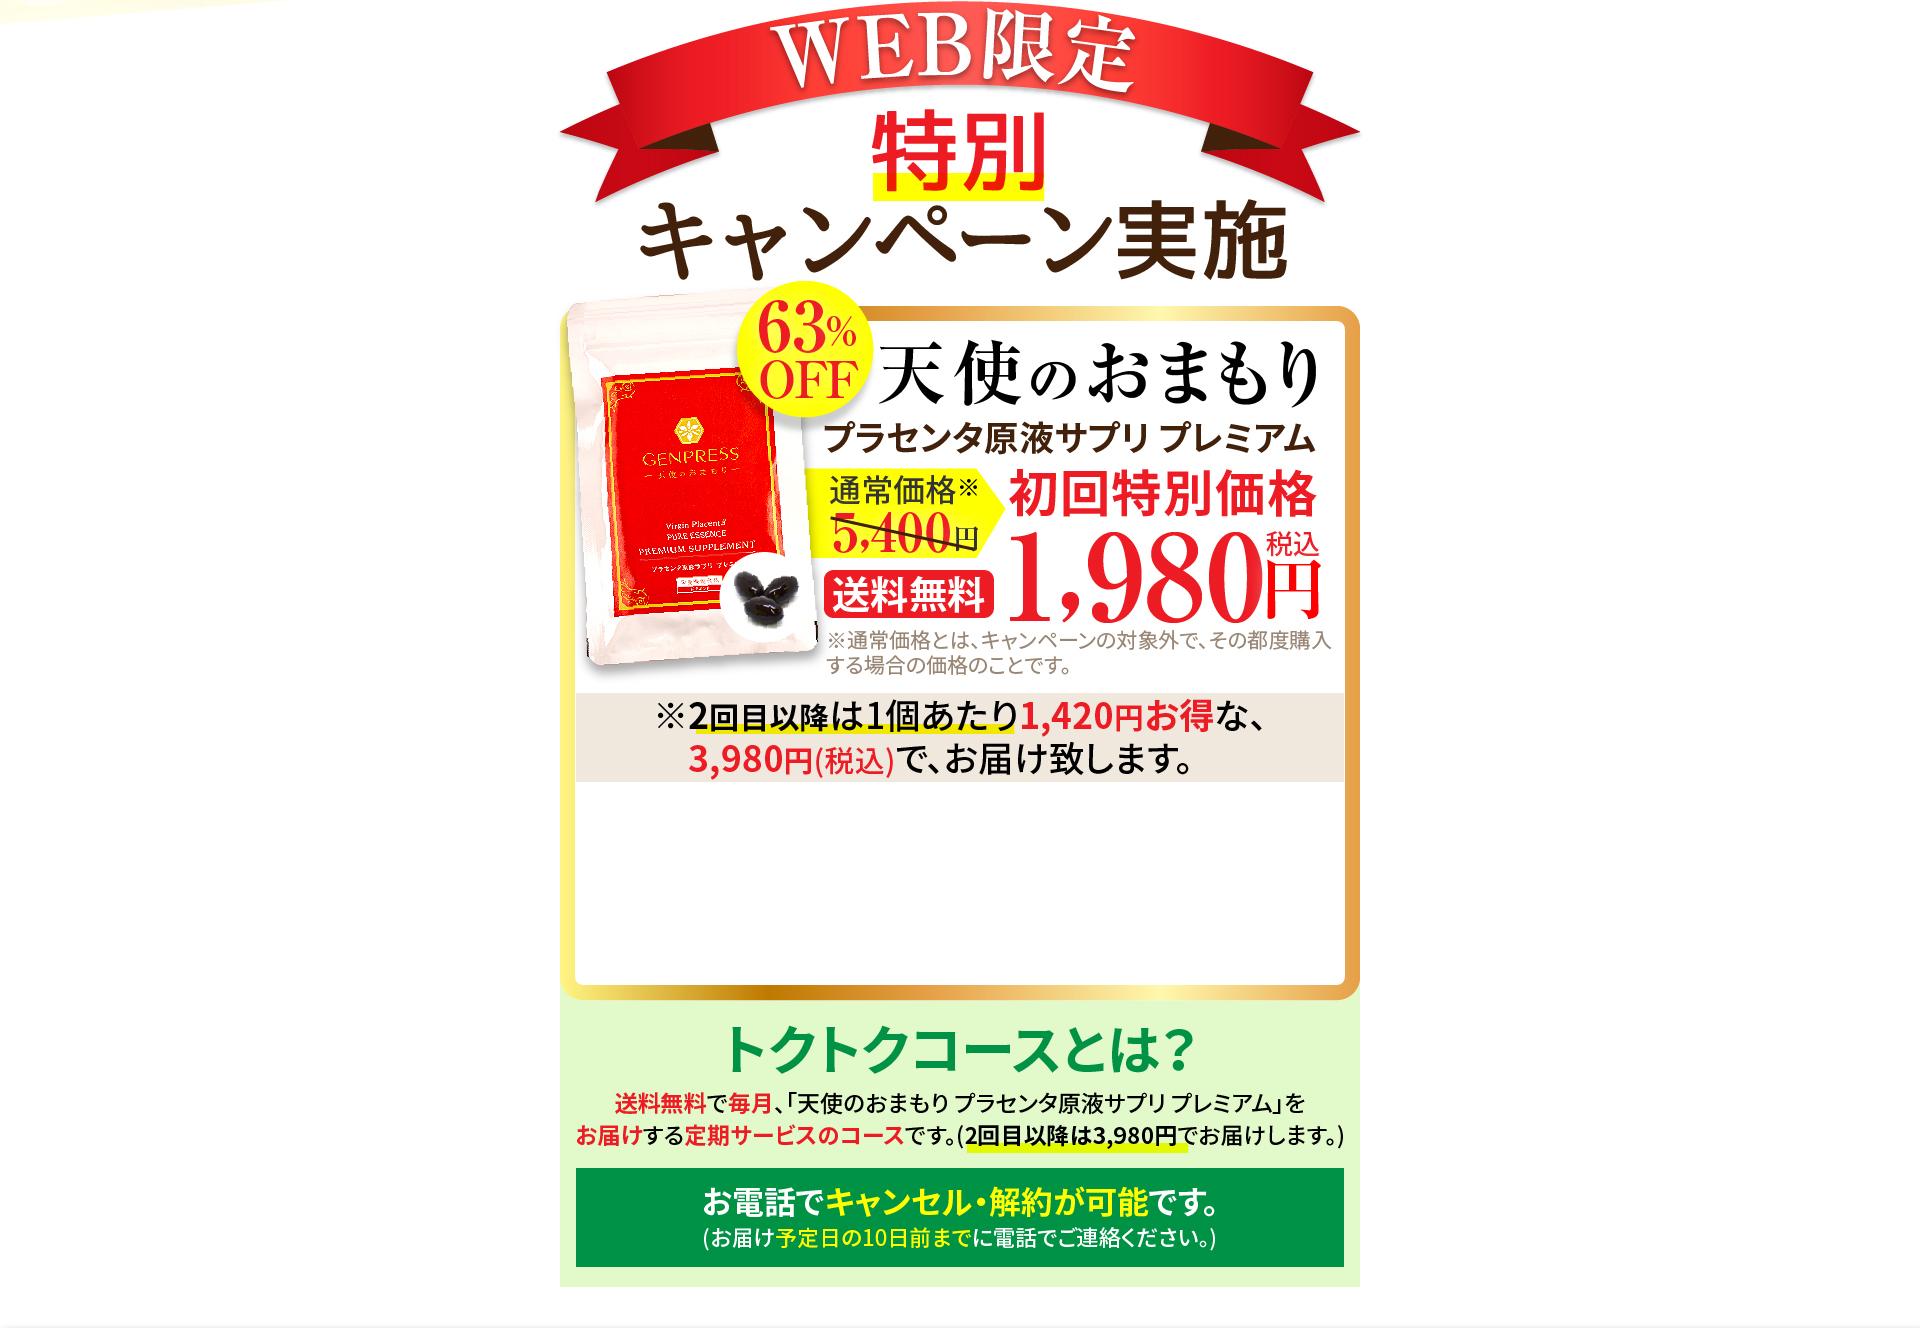 特別キャンペーン実施中 天使のおまもり プラセンタ原液サプリ プレミアム 初回特別価格 送料無料 1,980円